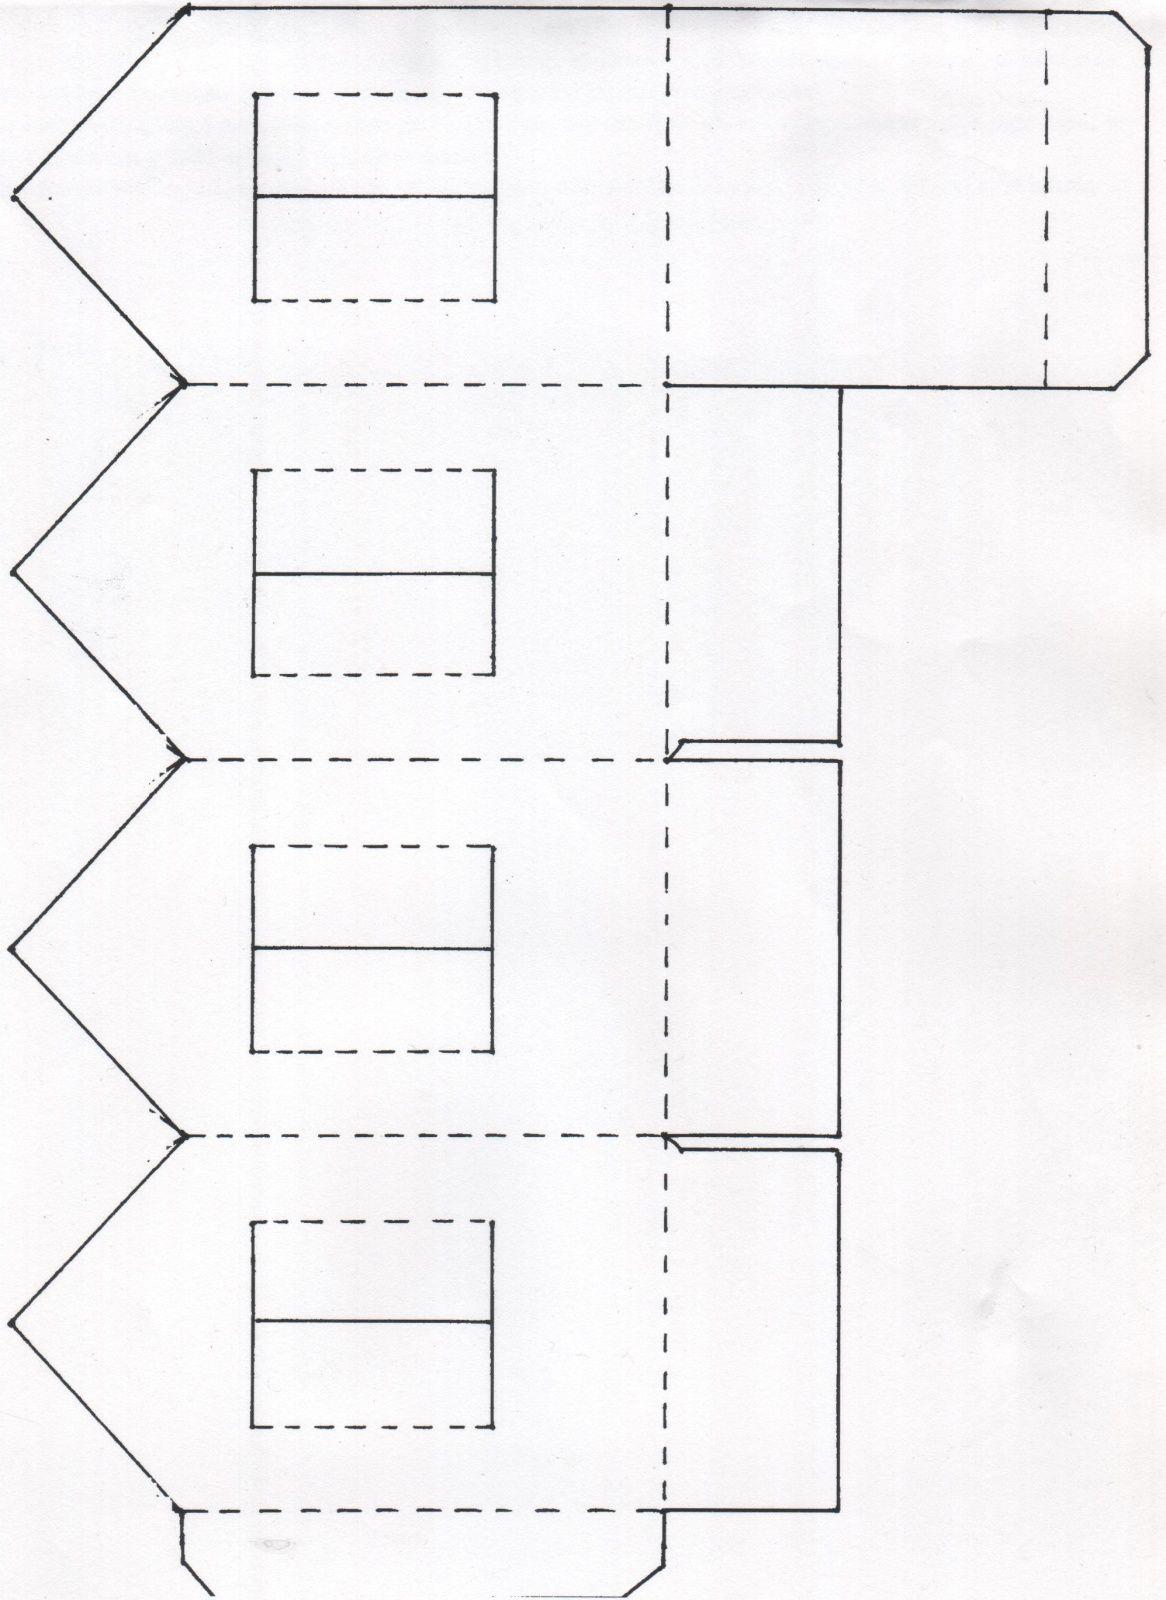 Une Maison Photophore En Papier | Maisons De Papier, Papier destiné Patron Pour Boite En Carton